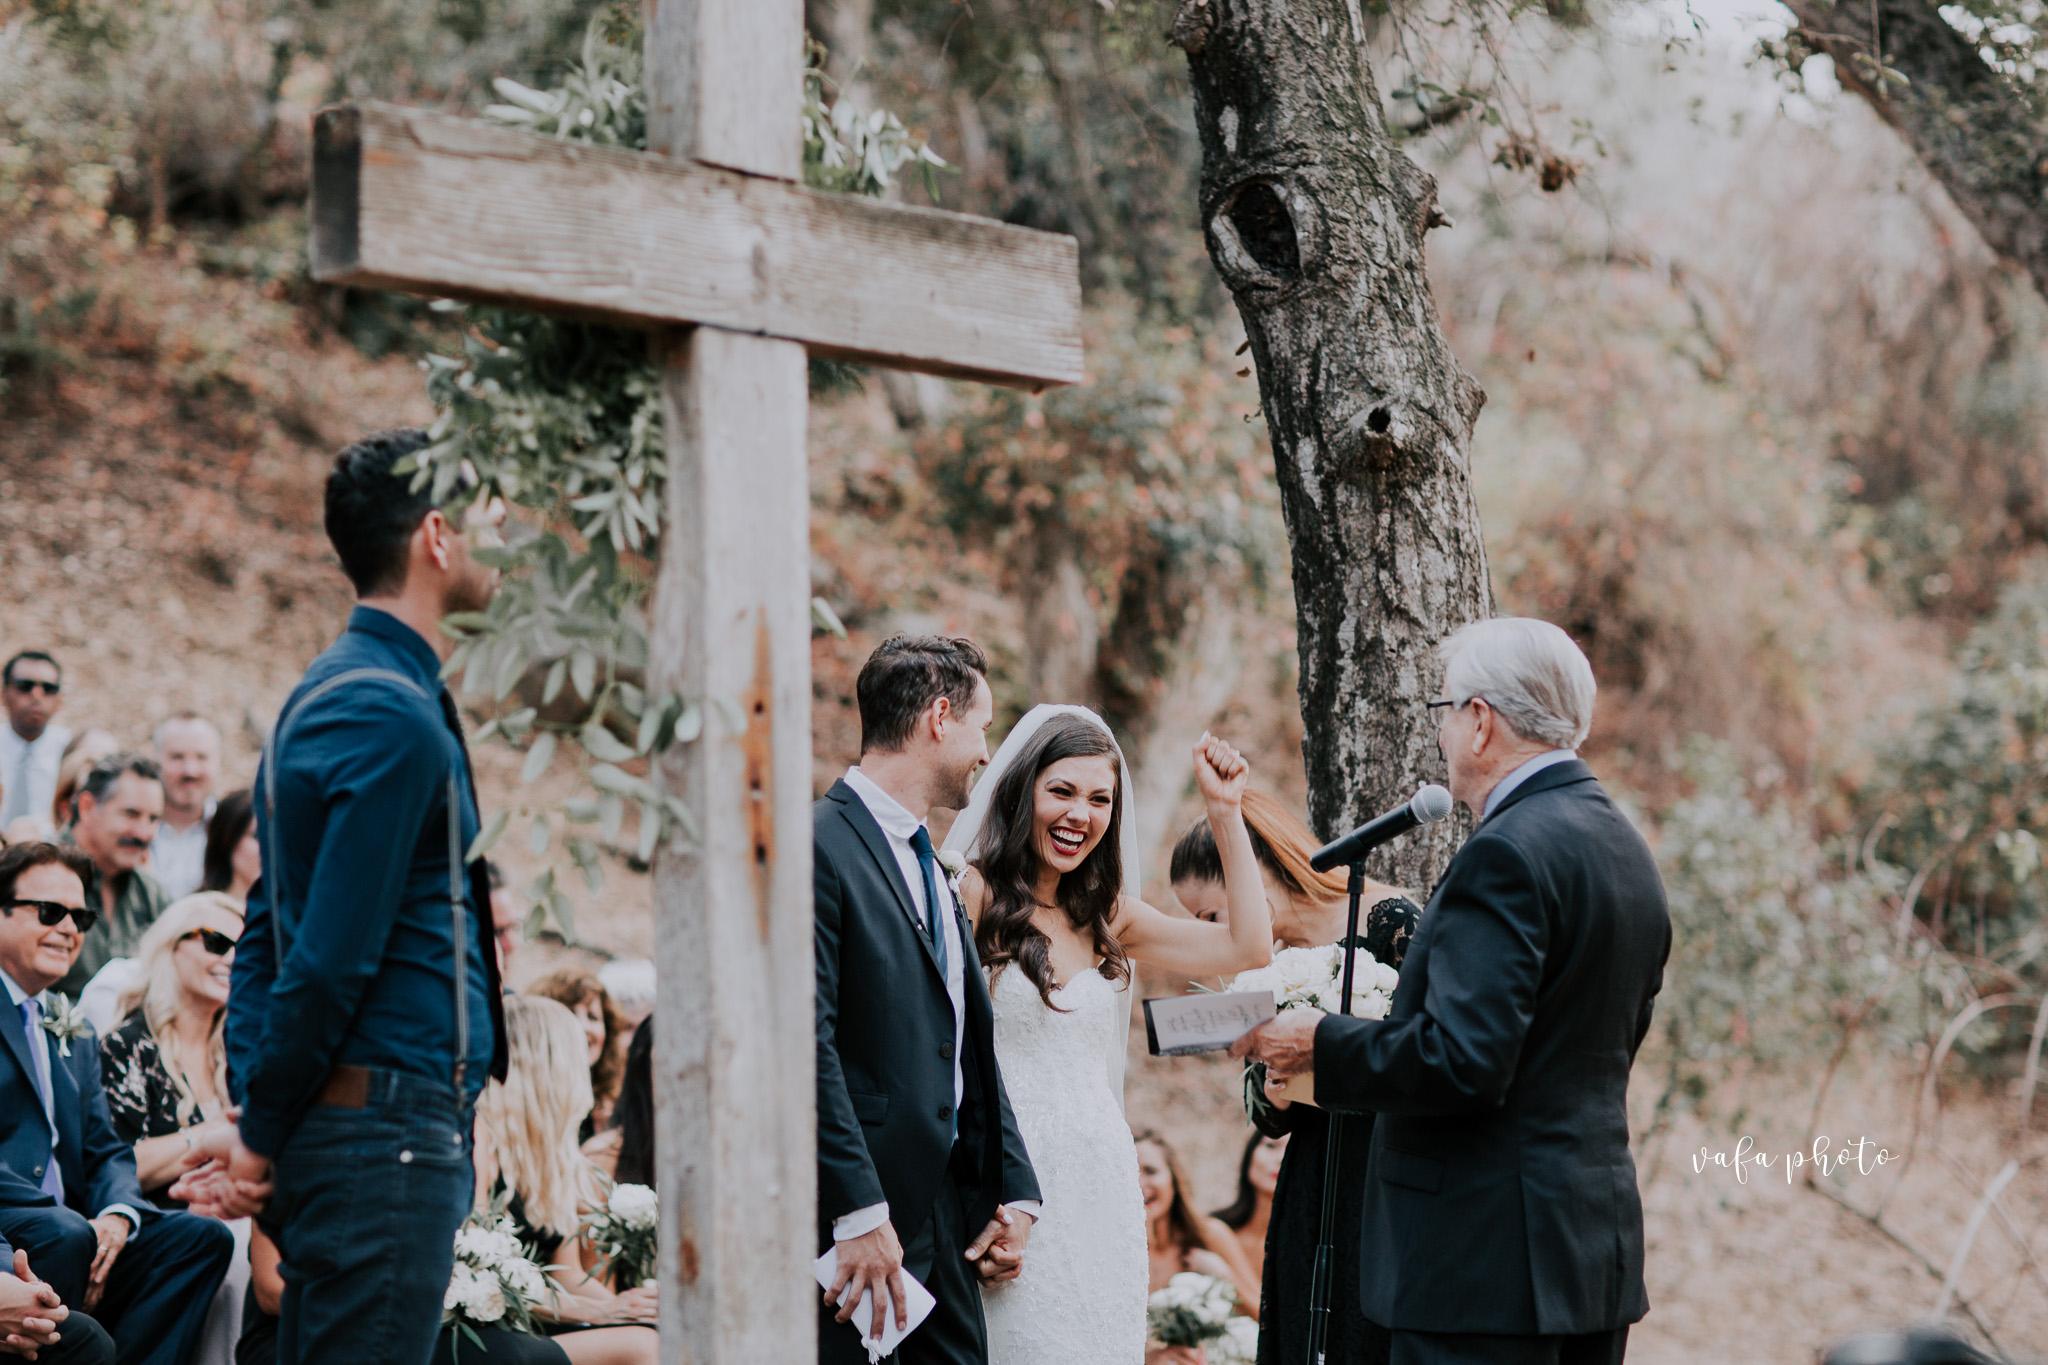 Southern-California-Wedding-Britt-Nilsson-Jeremy-Byrne-Vafa-Photo-435.jpg